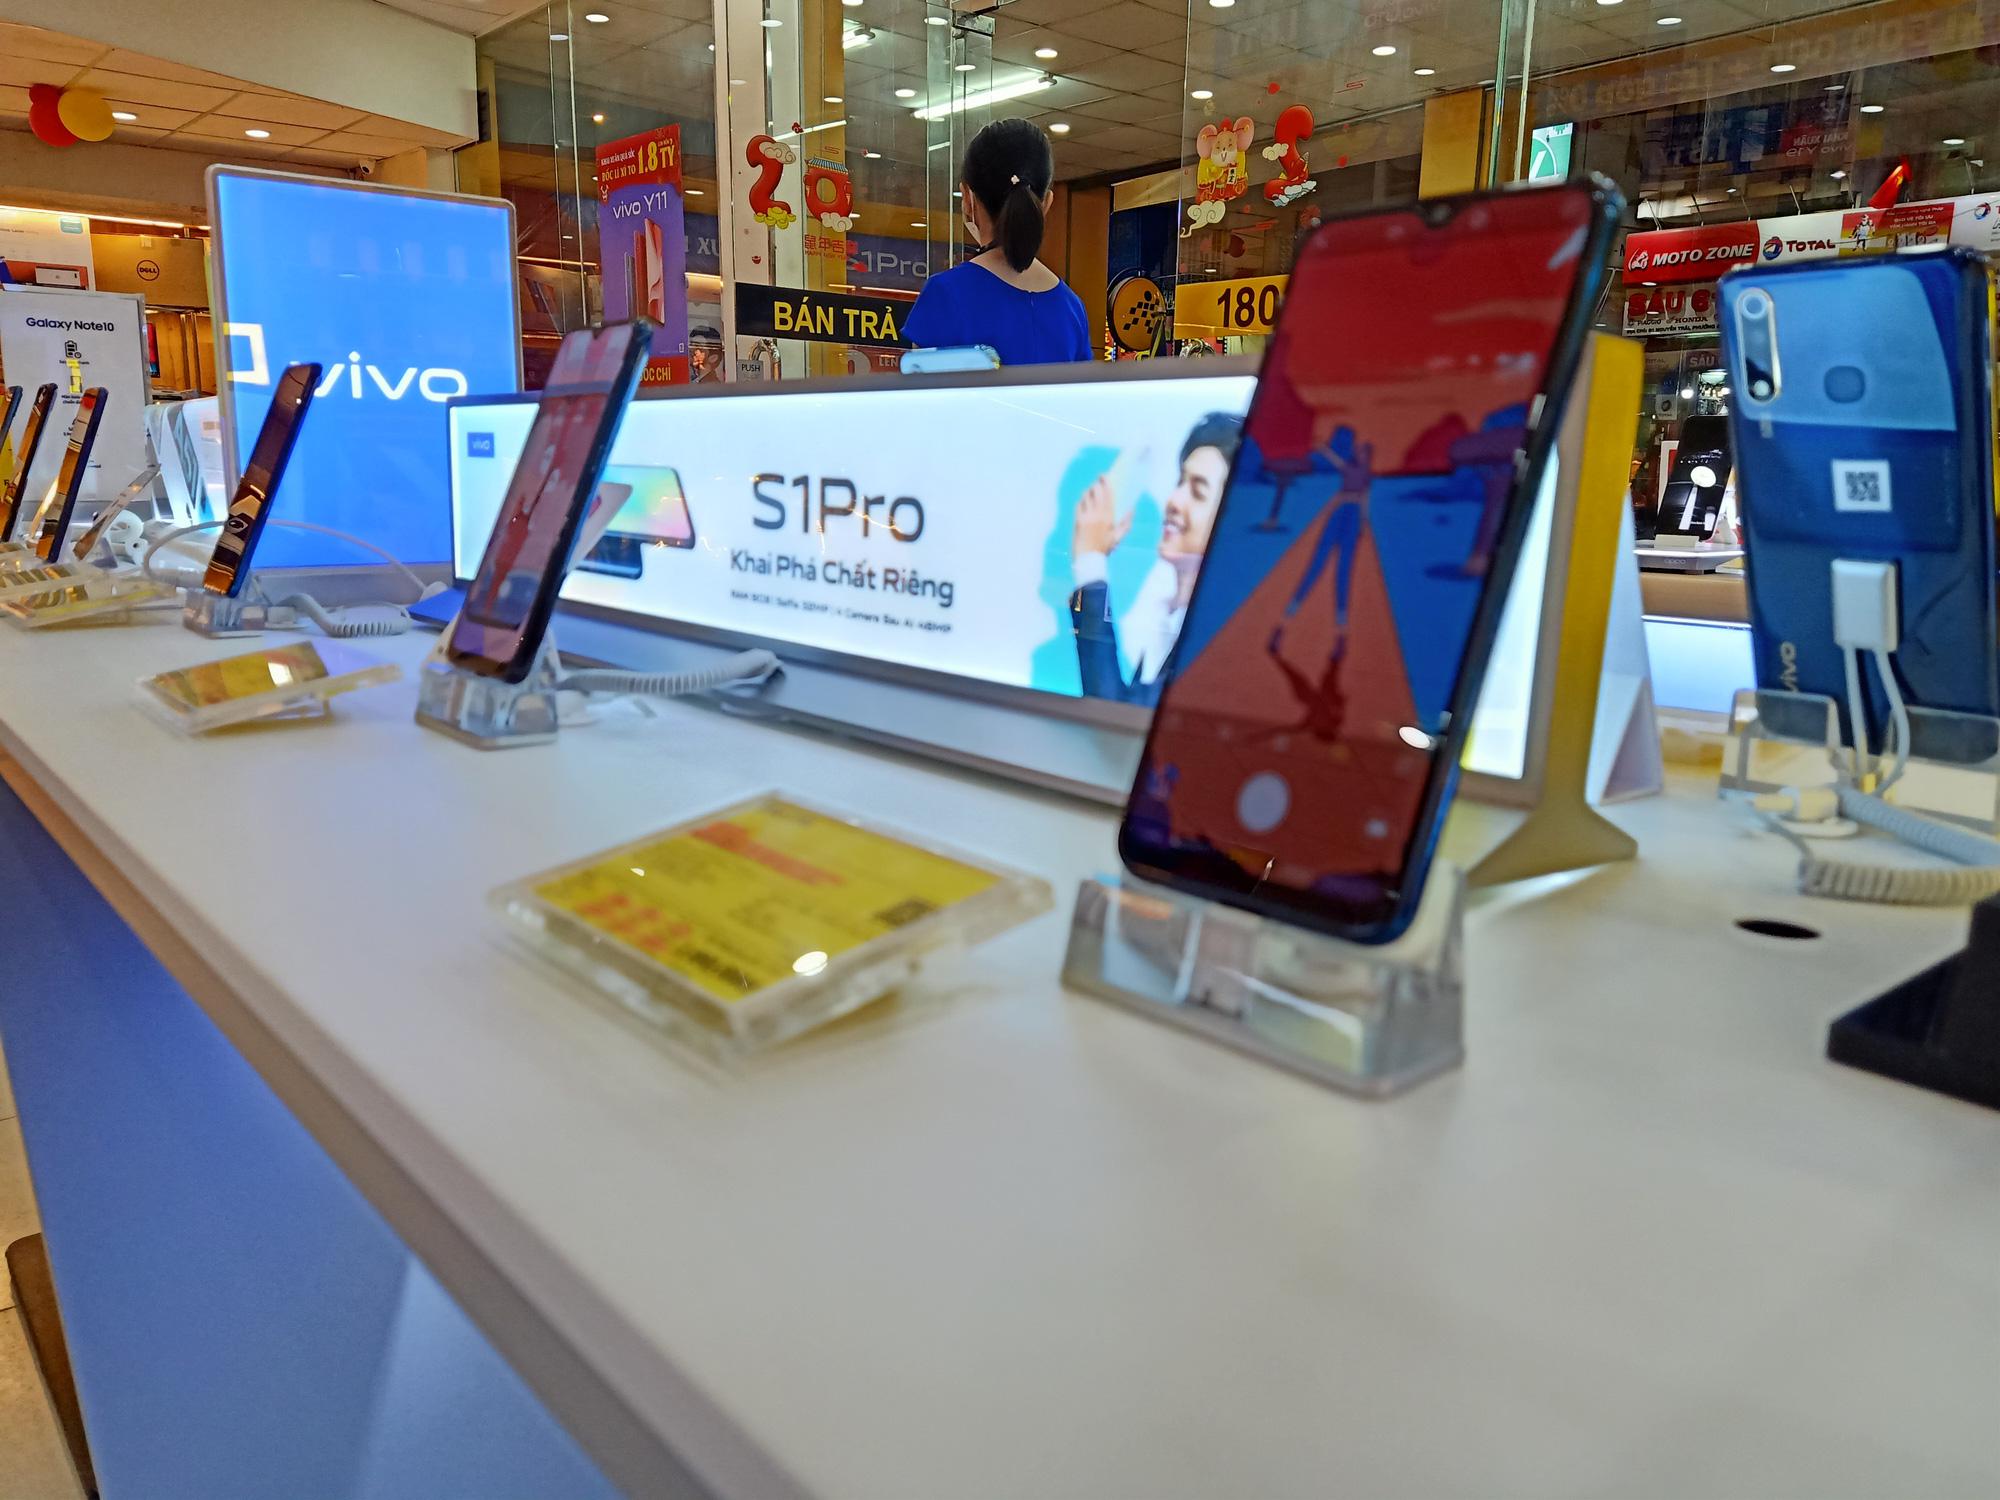 Điện thoại giảm giá tuần này: iPhone biến động nhẹ, Samsung vẫn tiếp tục tung ưu đãi - Ảnh 3.